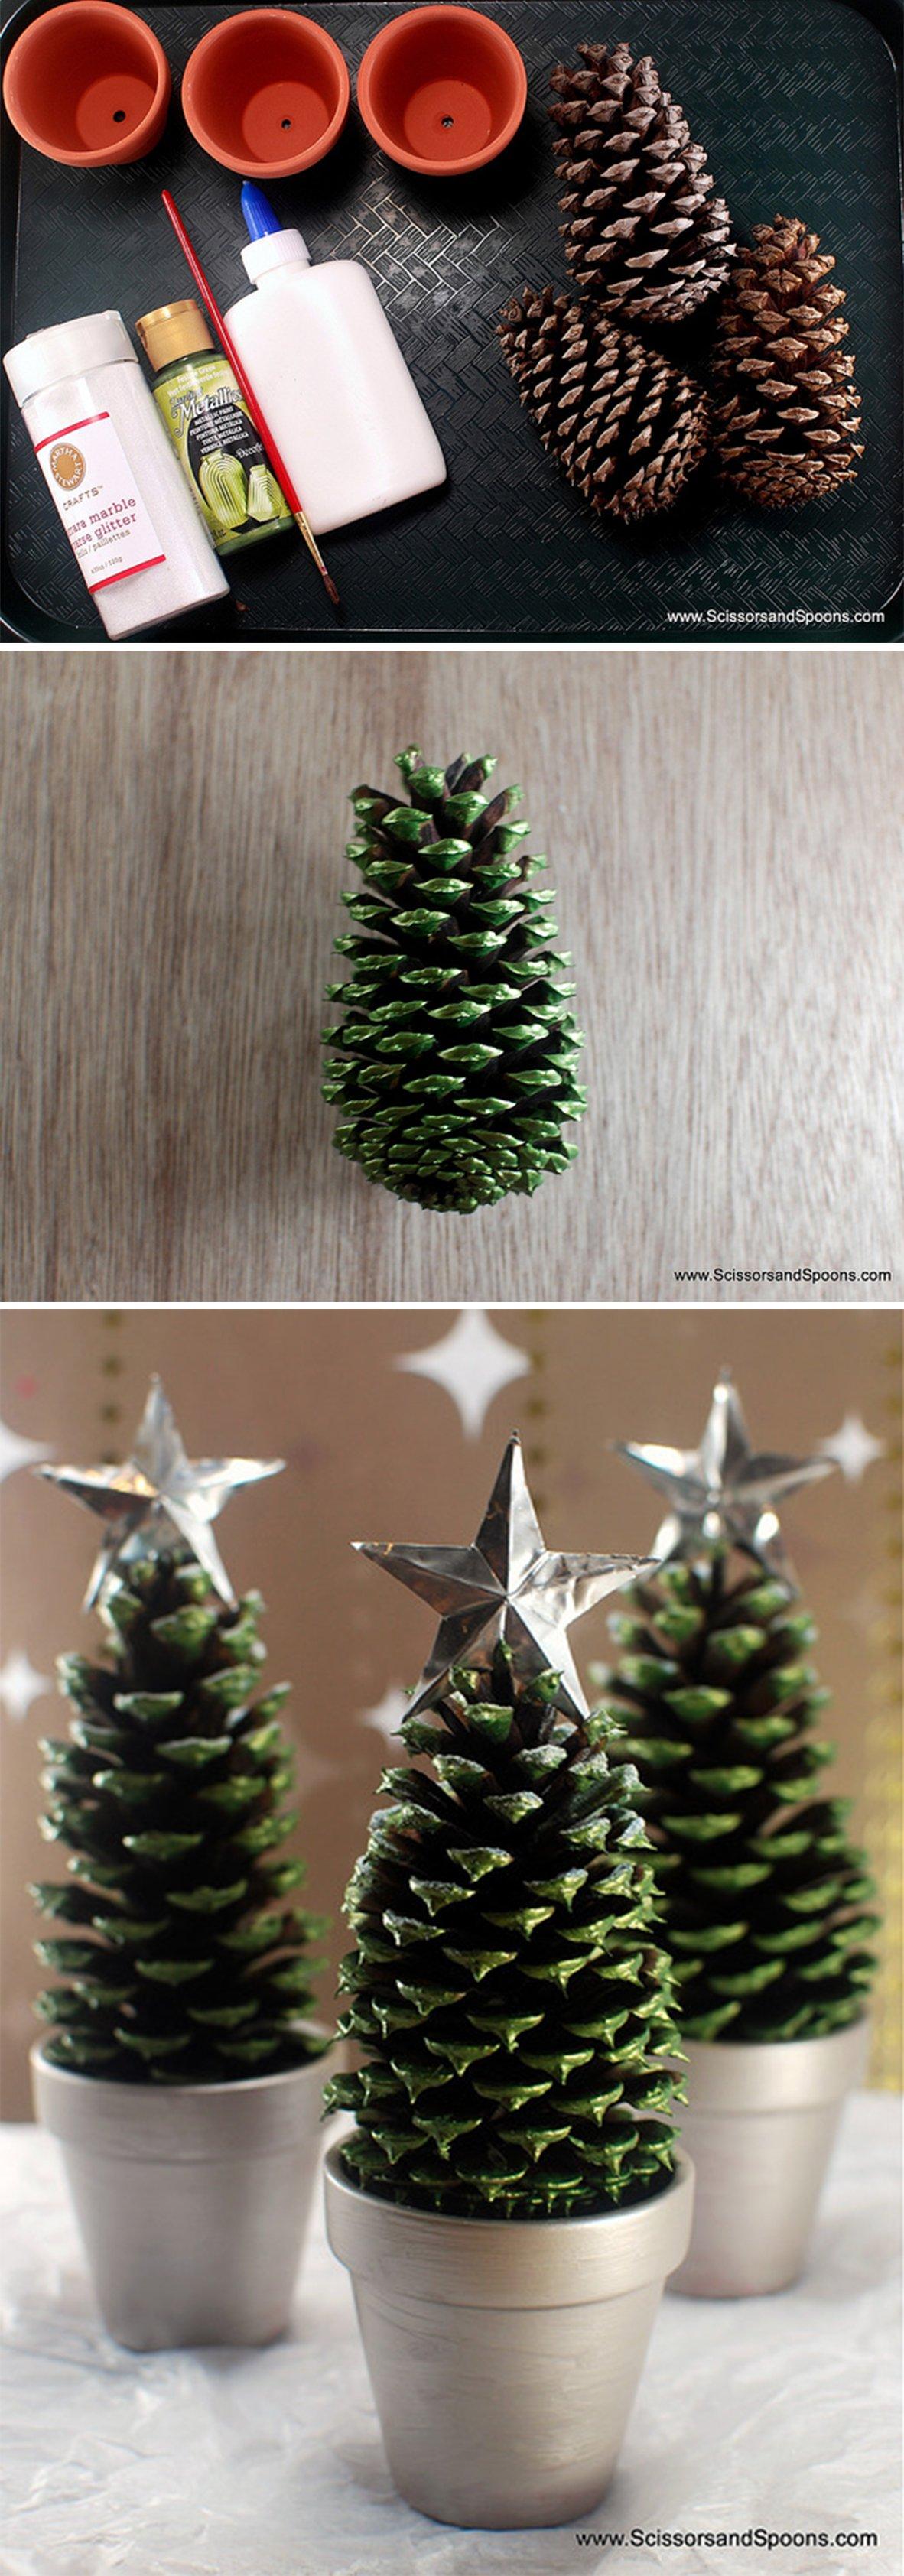 15 manualidades sencillas para decorar tu casa esta navidad - Manualidades para decorar tu casa ...